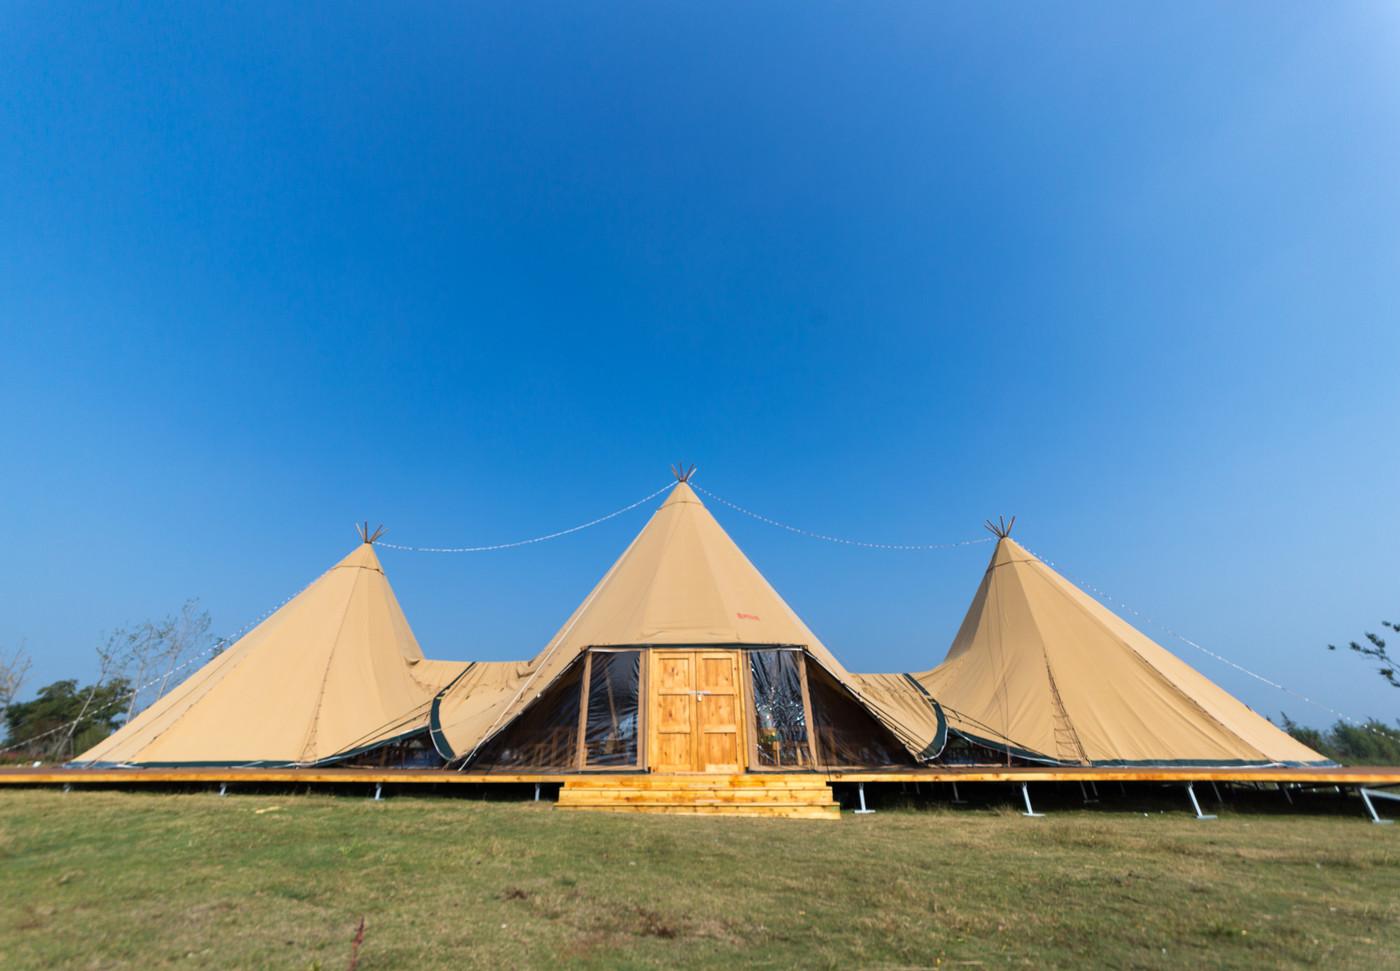 喜马拉雅印第安多功能大厅—淮安白马湖生态旅游度假区2